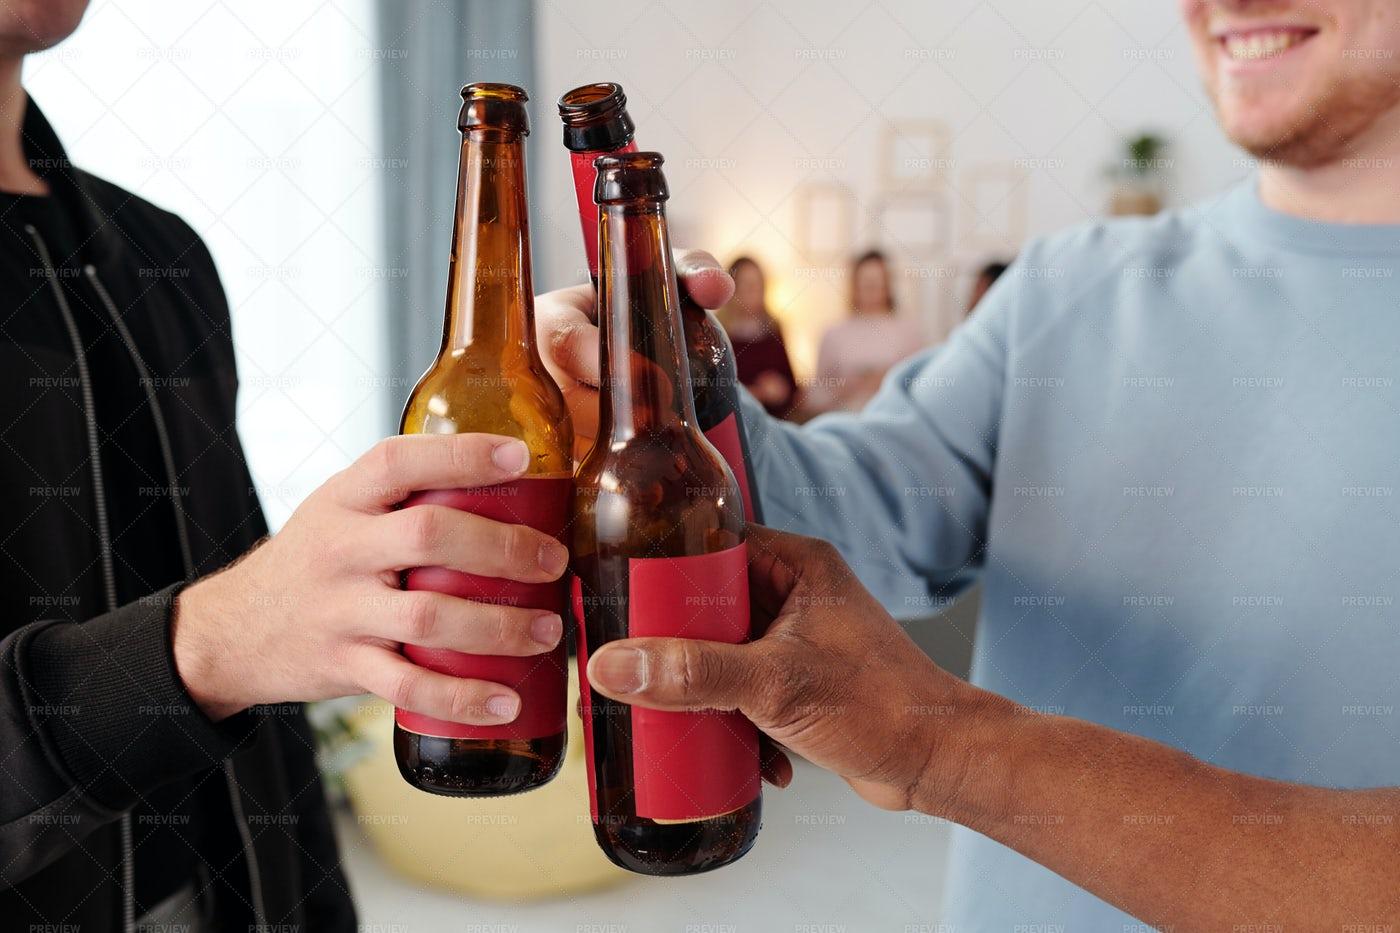 Hands Of Men Clinking Beer Bottles: Stock Photos